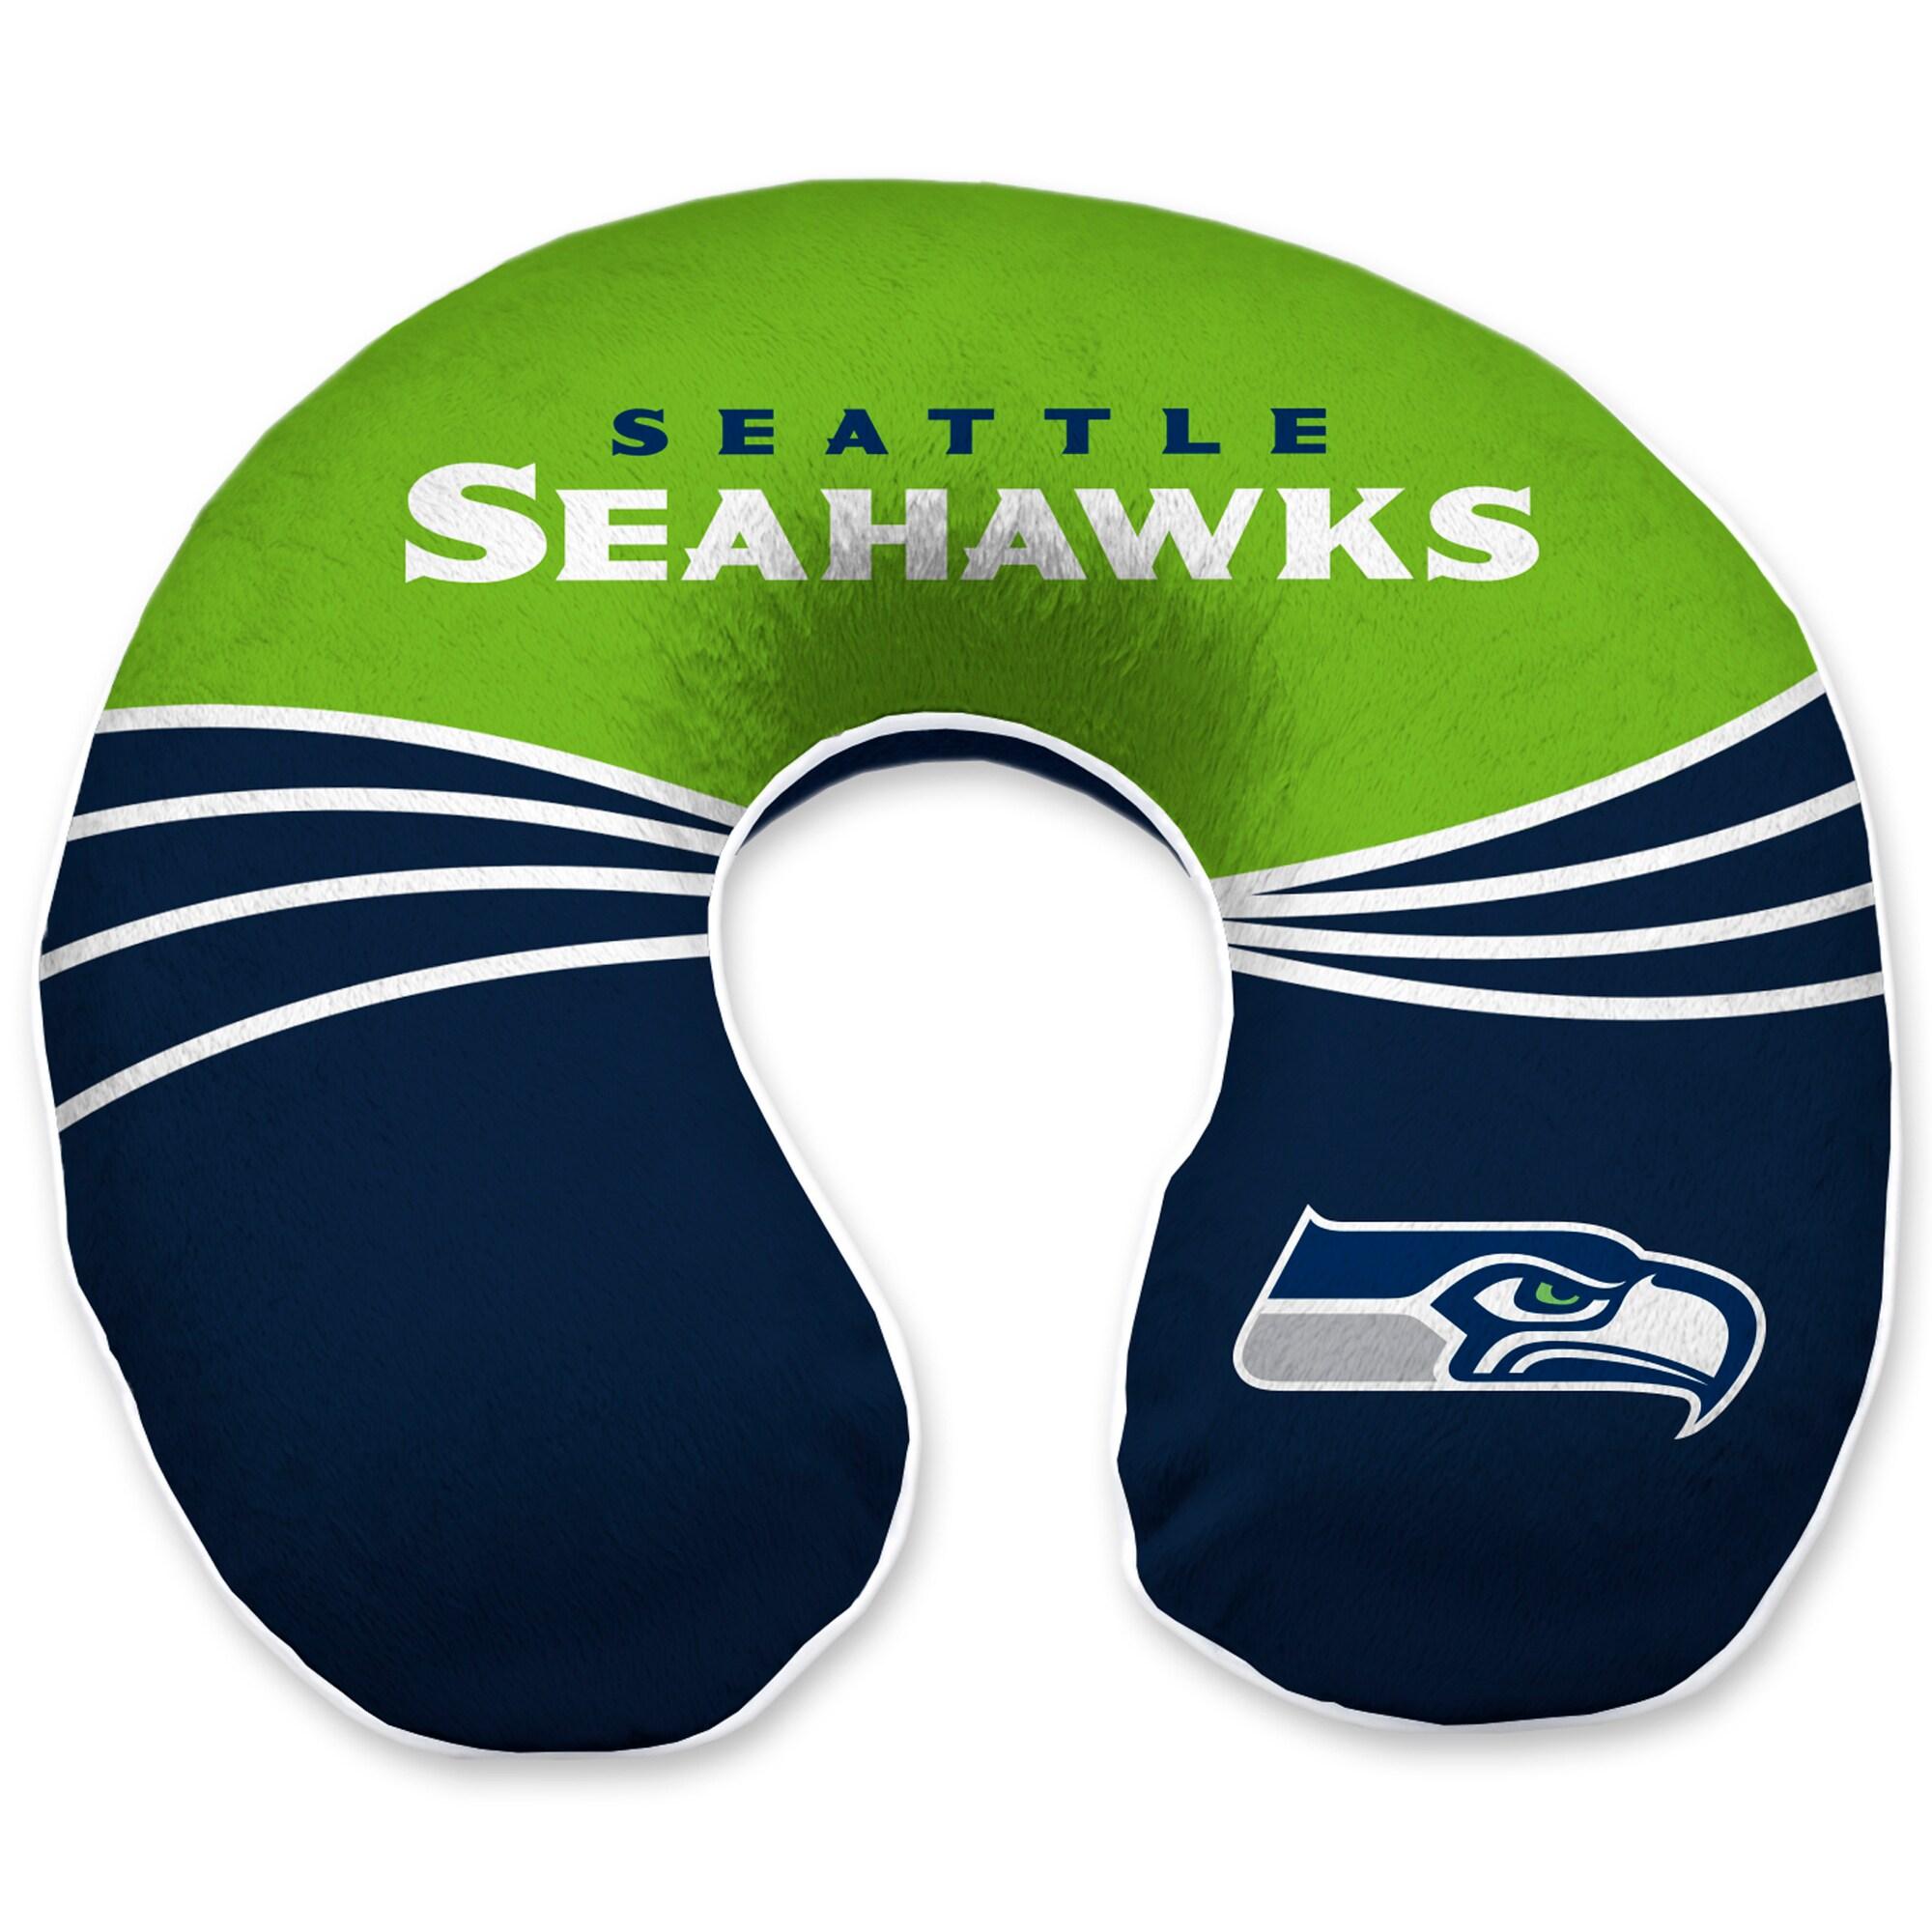 Seattle Seahawks Wave Memory Foam U-Neck Travel Pillow - Blue